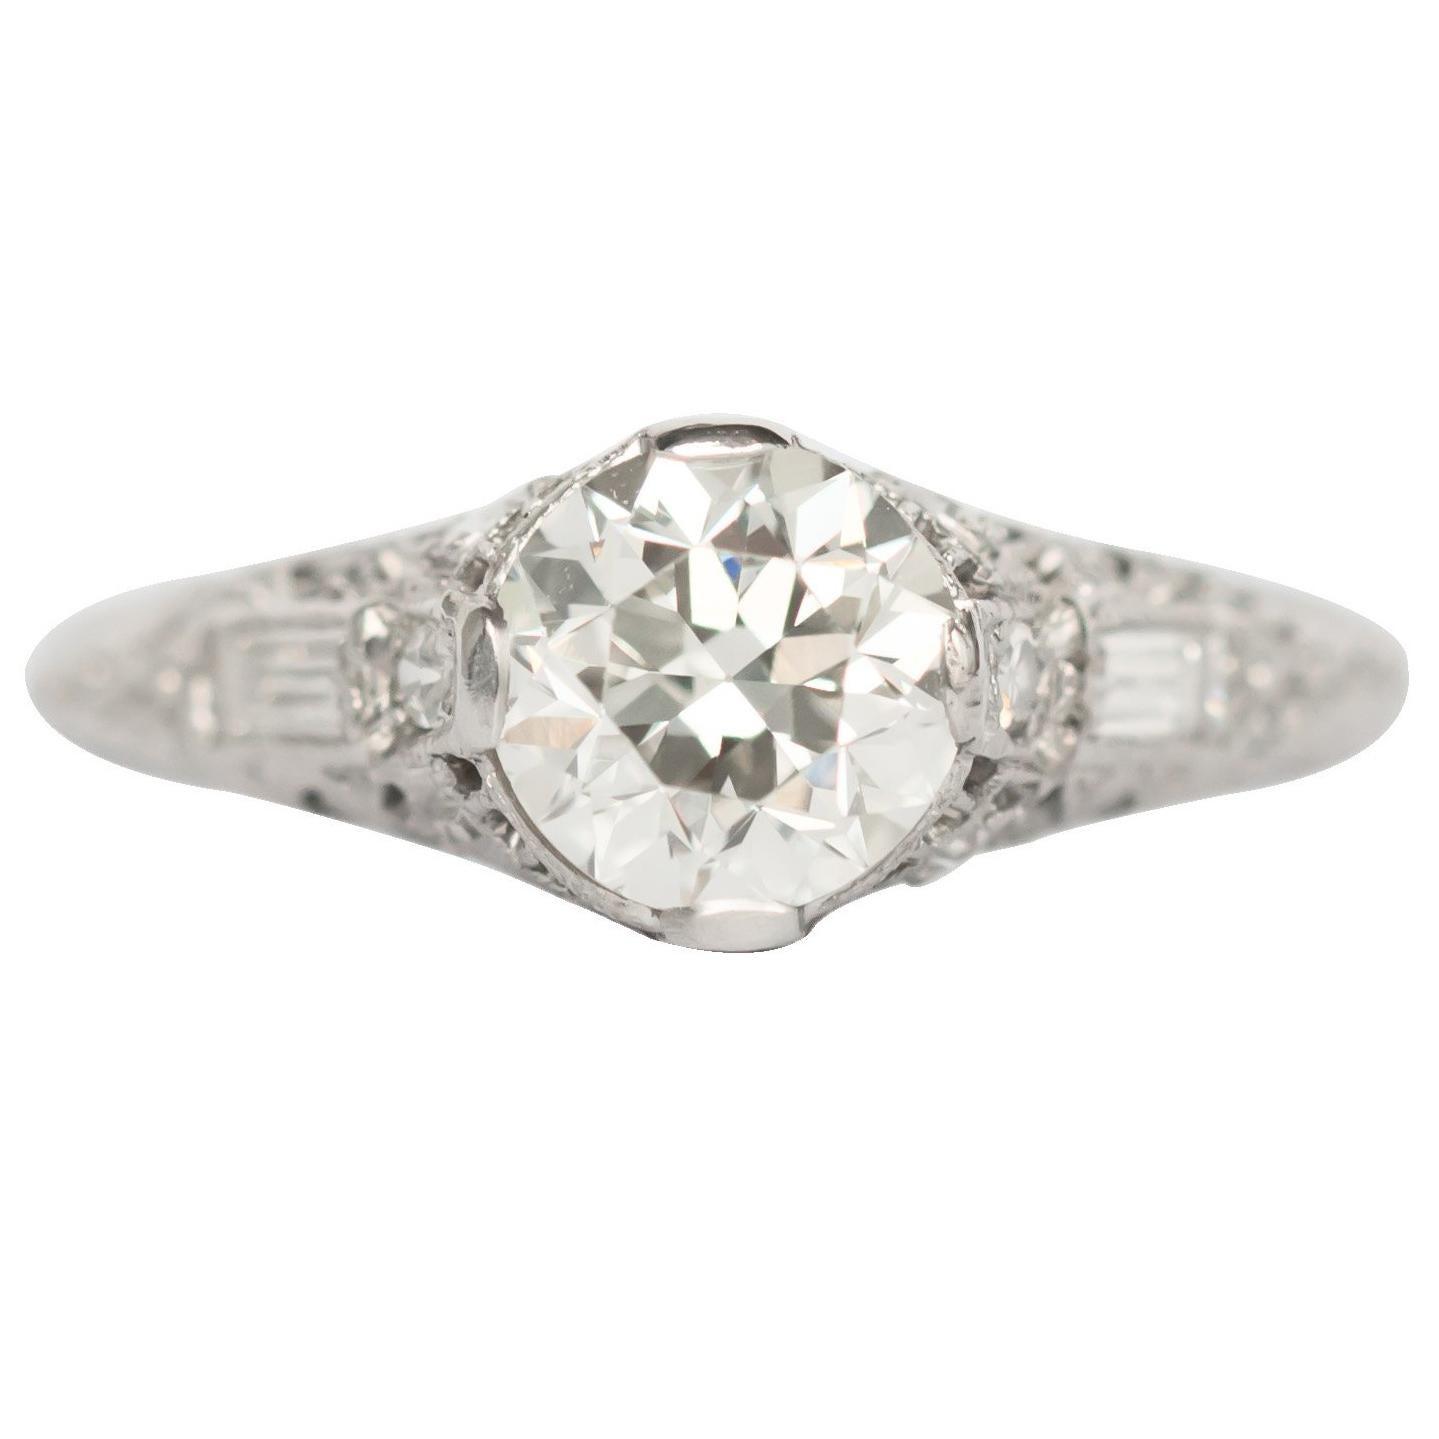 1.13 Carat Diamond Platinum Engagement Ring